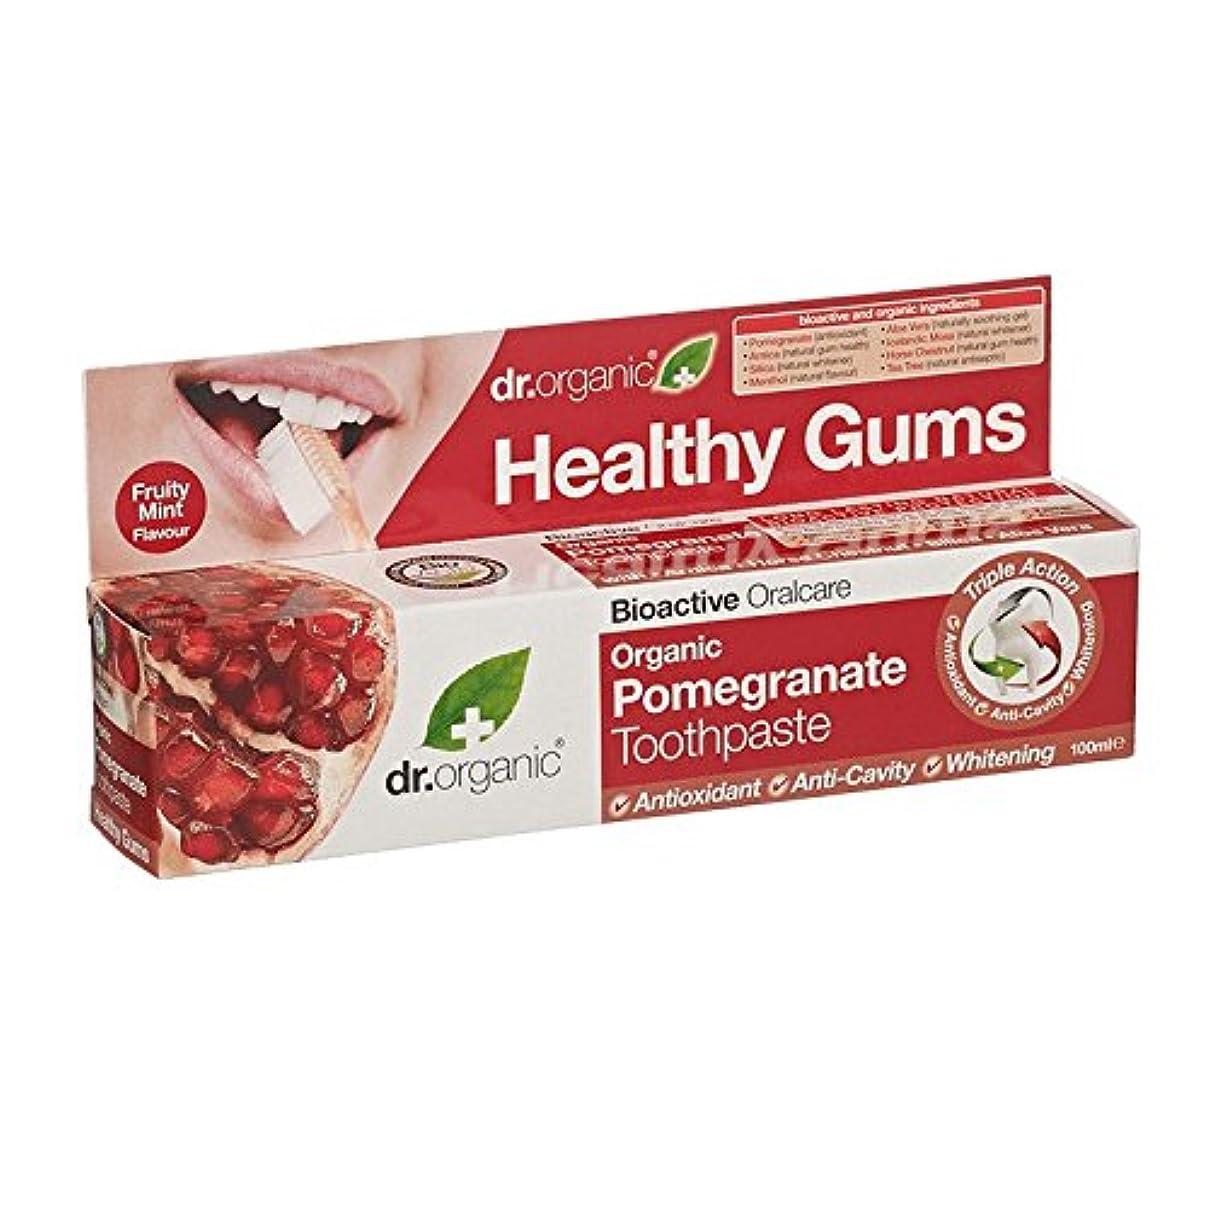 注入オレンジインシデントDr有機ザクロ歯磨き粉 - Dr Organic Pomegranate Toothpaste (Dr Organic) [並行輸入品]